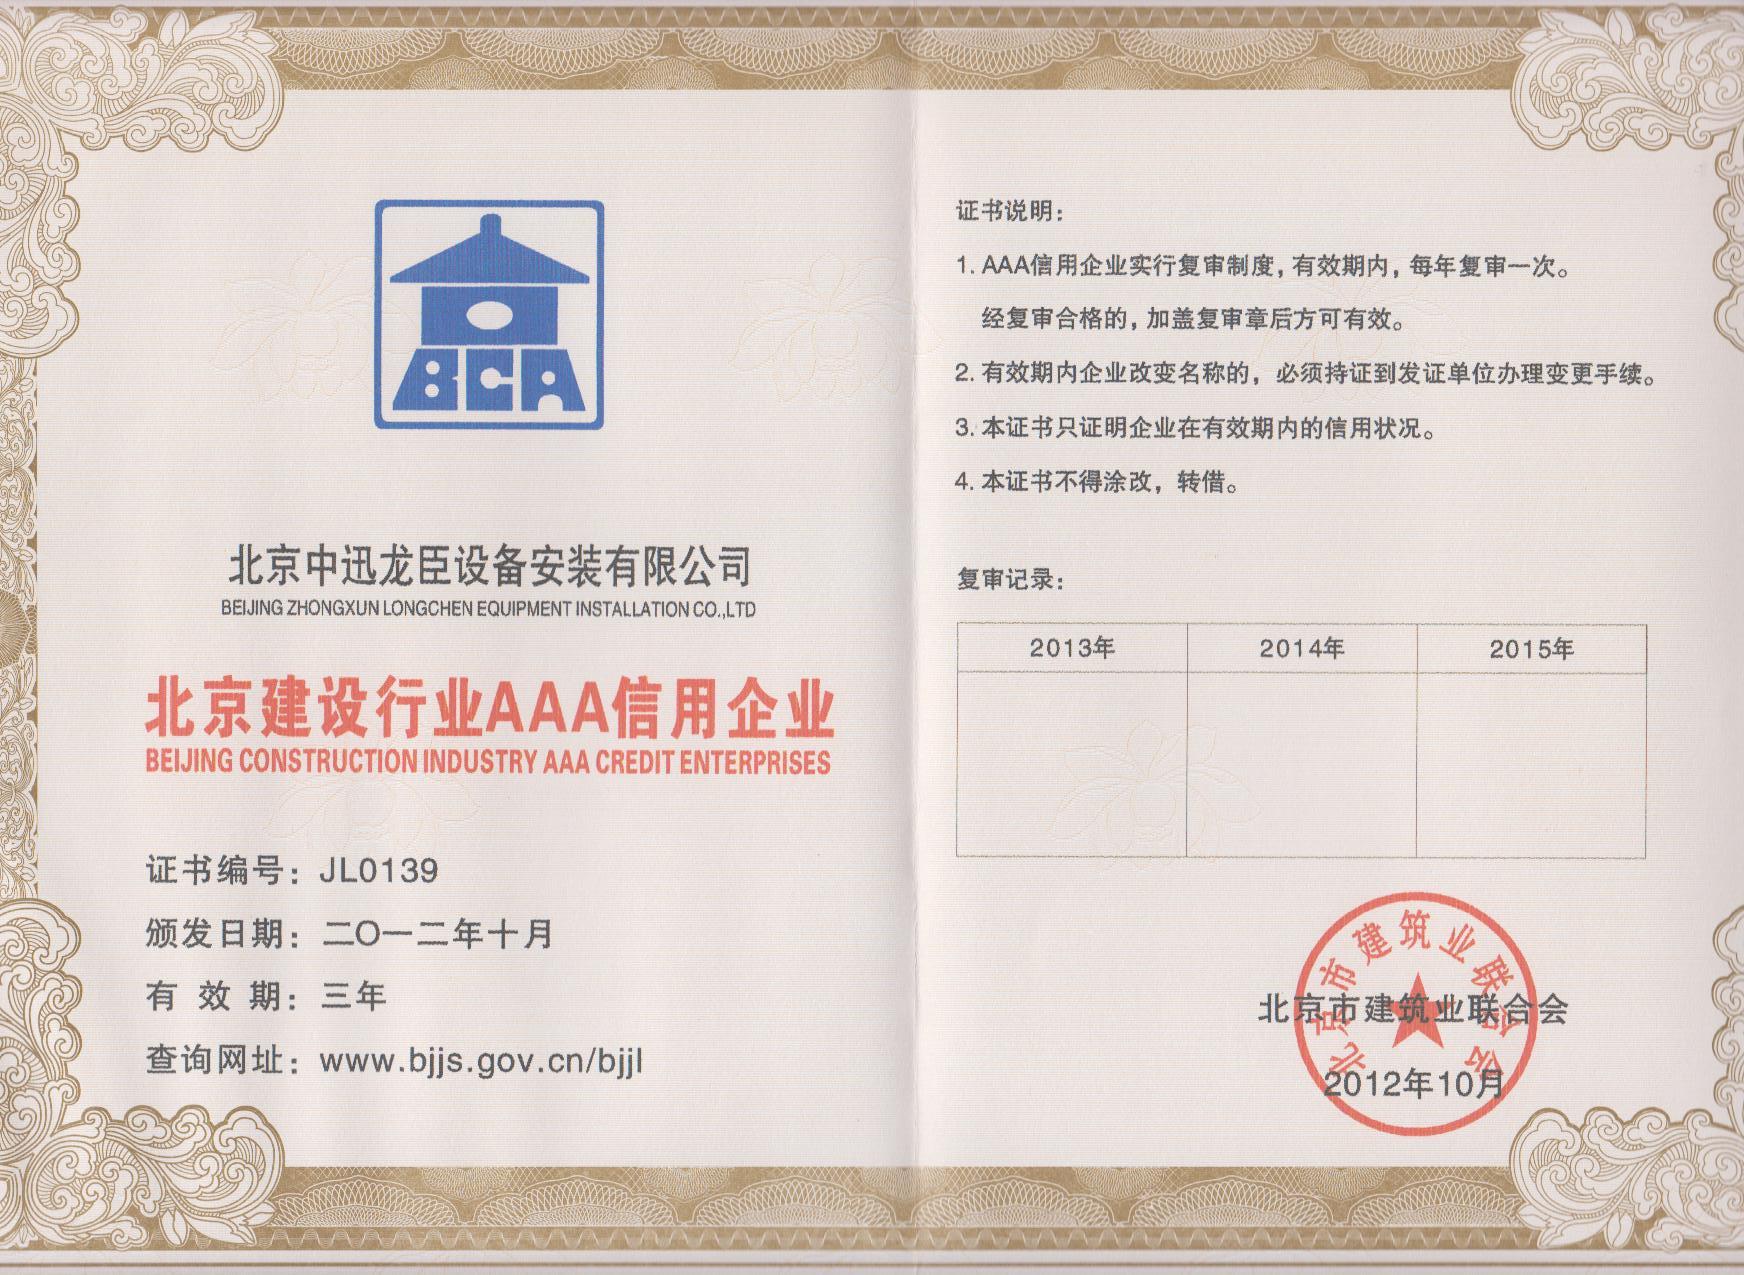 建委AAA信用企业2012证书